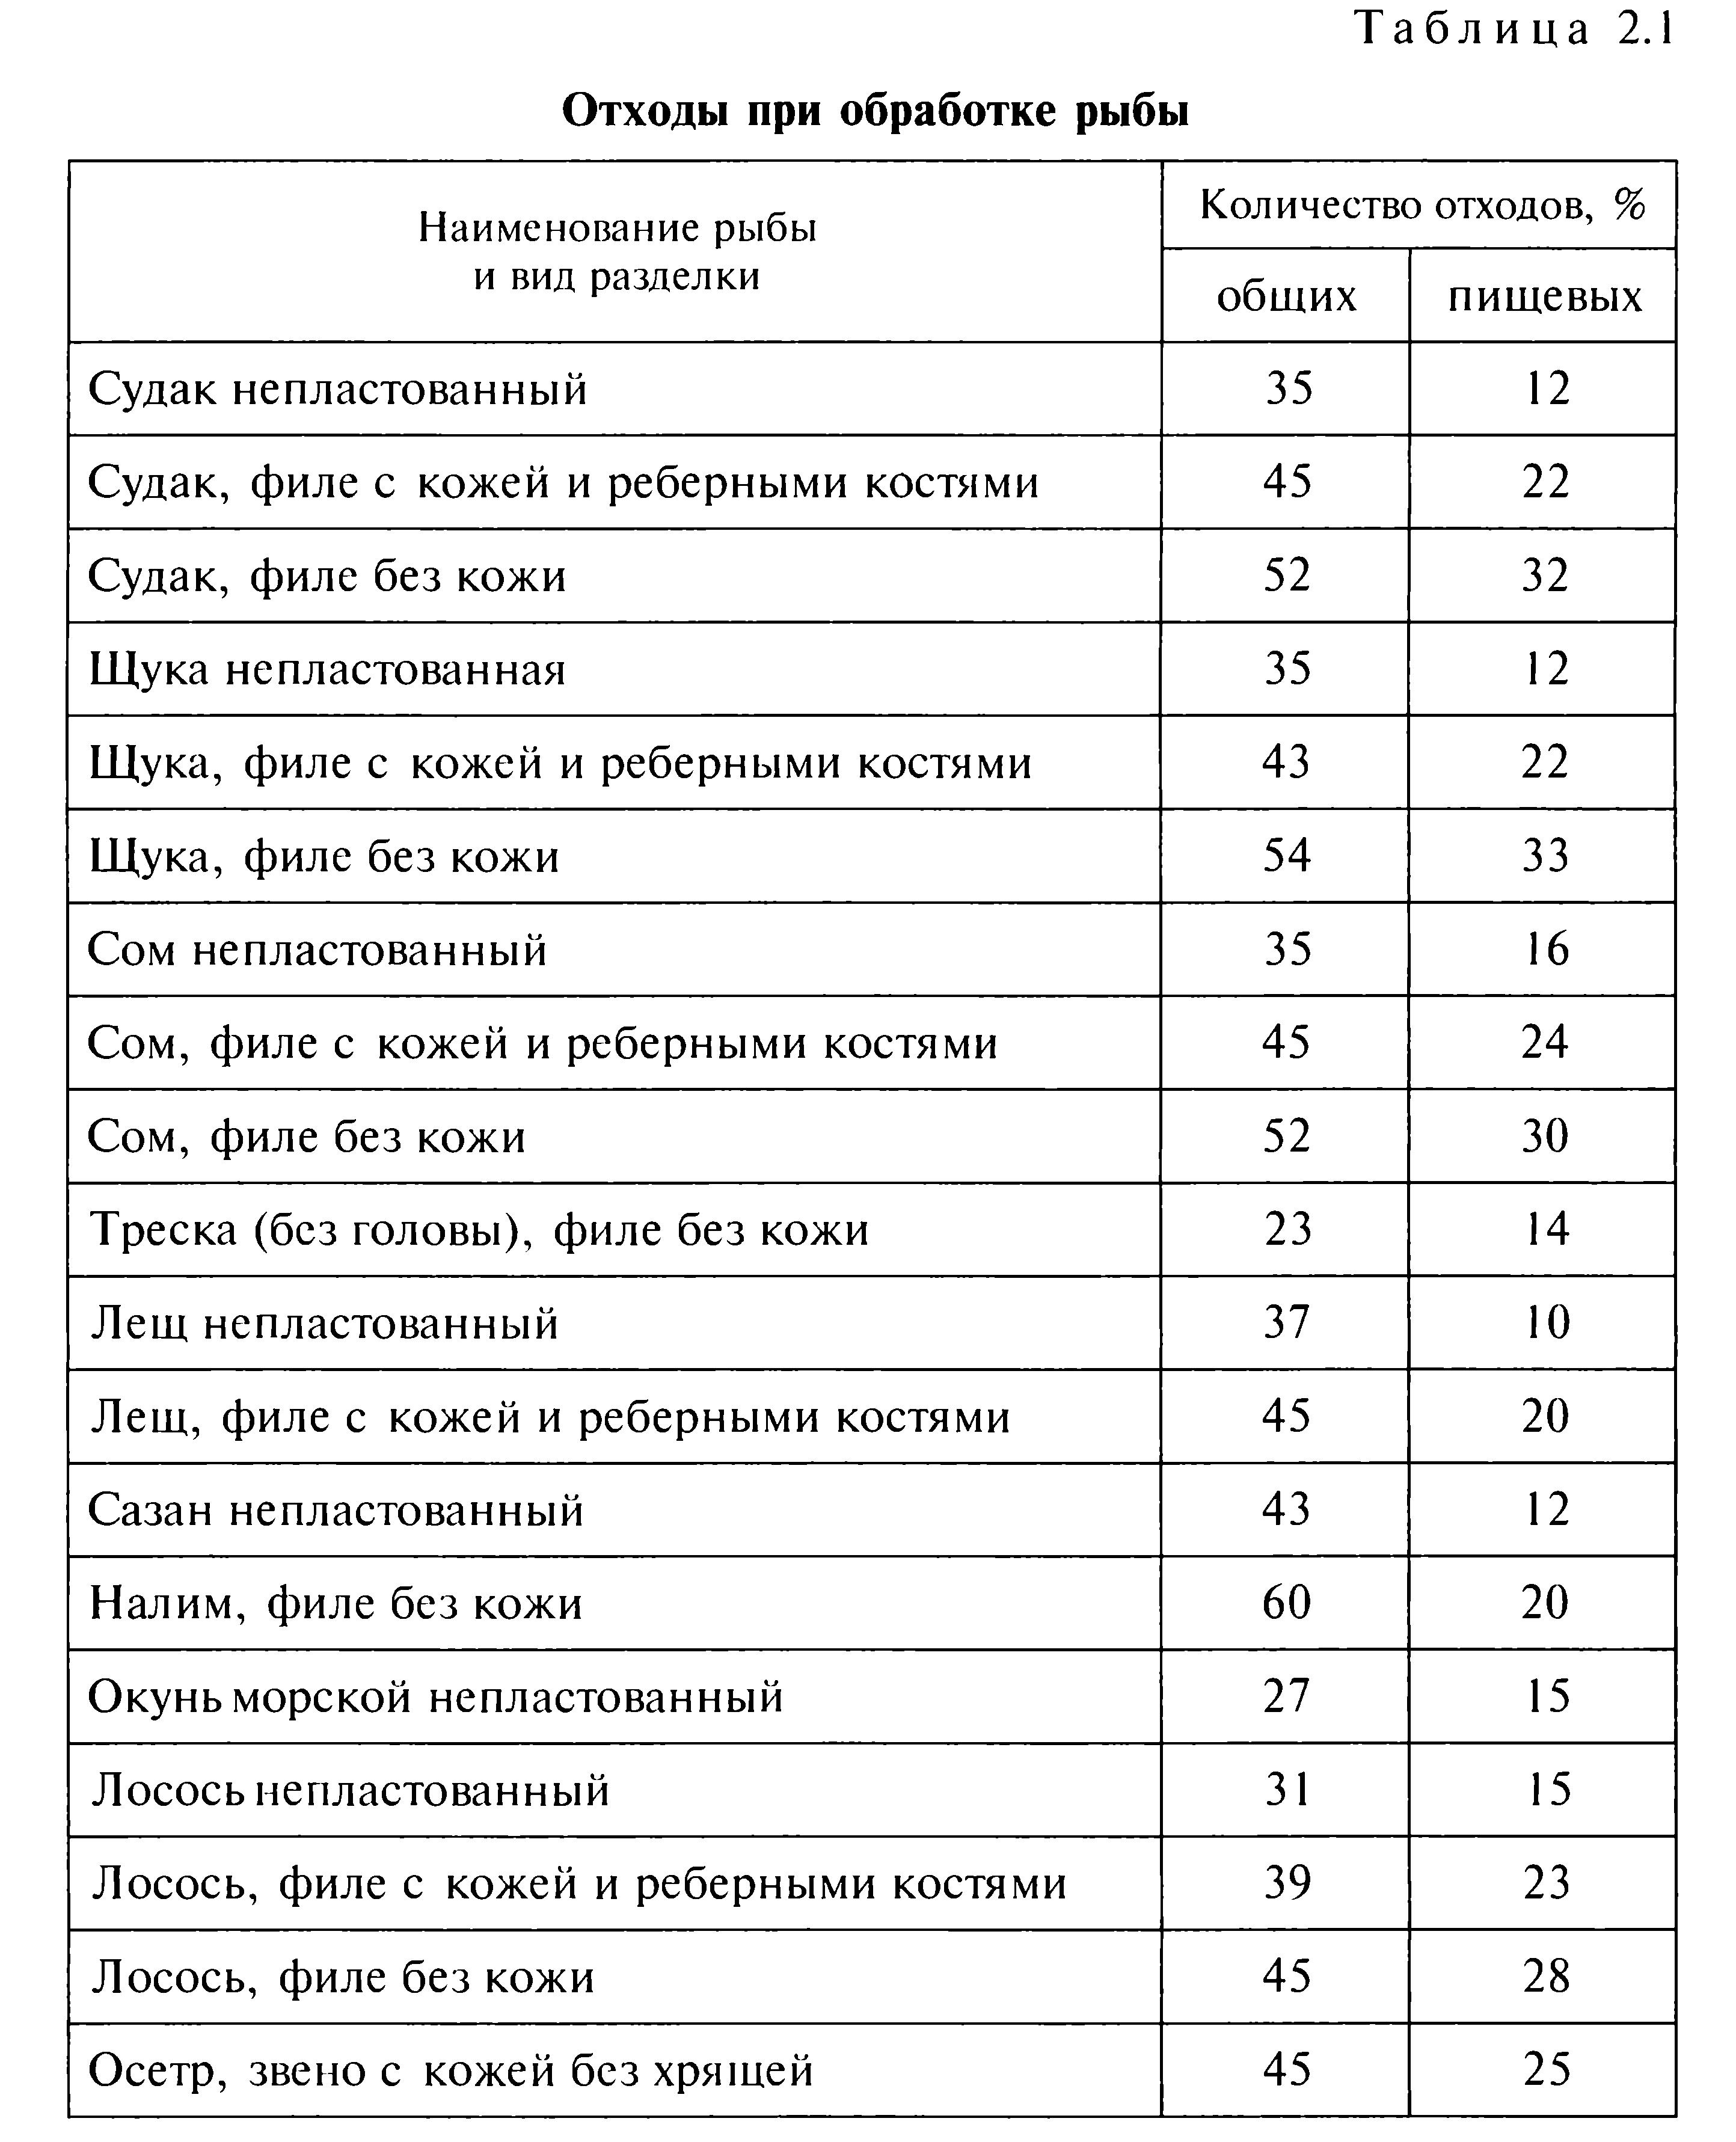 таблица процентов отходов при обработке про